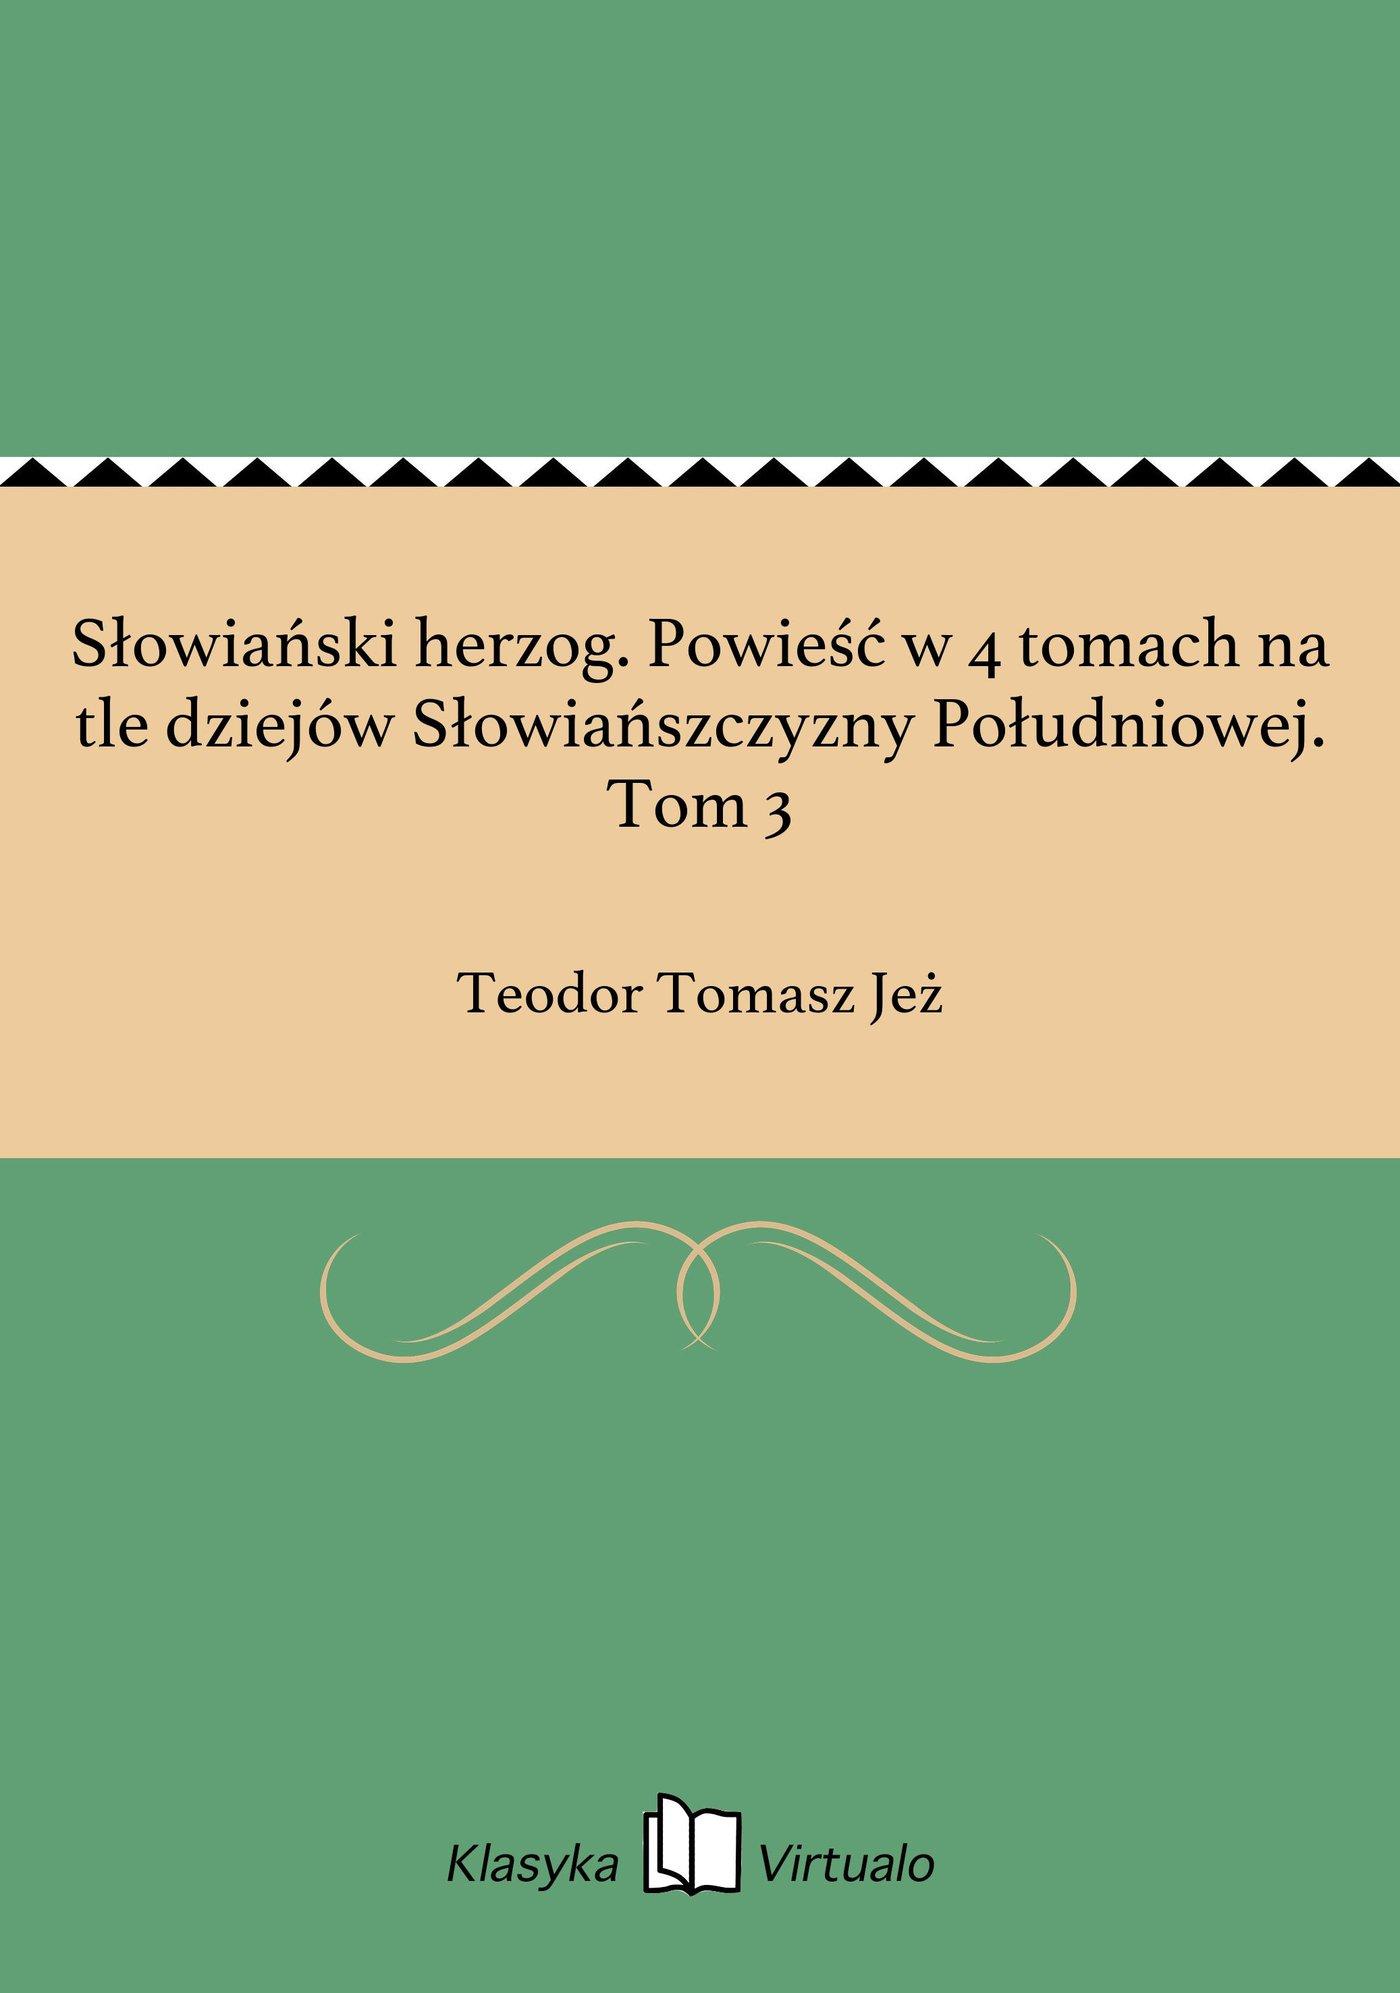 Słowiański herzog. Powieść w 4 tomach na tle dziejów Słowiańszczyzny Południowej. Tom 3 - Ebook (Książka EPUB) do pobrania w formacie EPUB